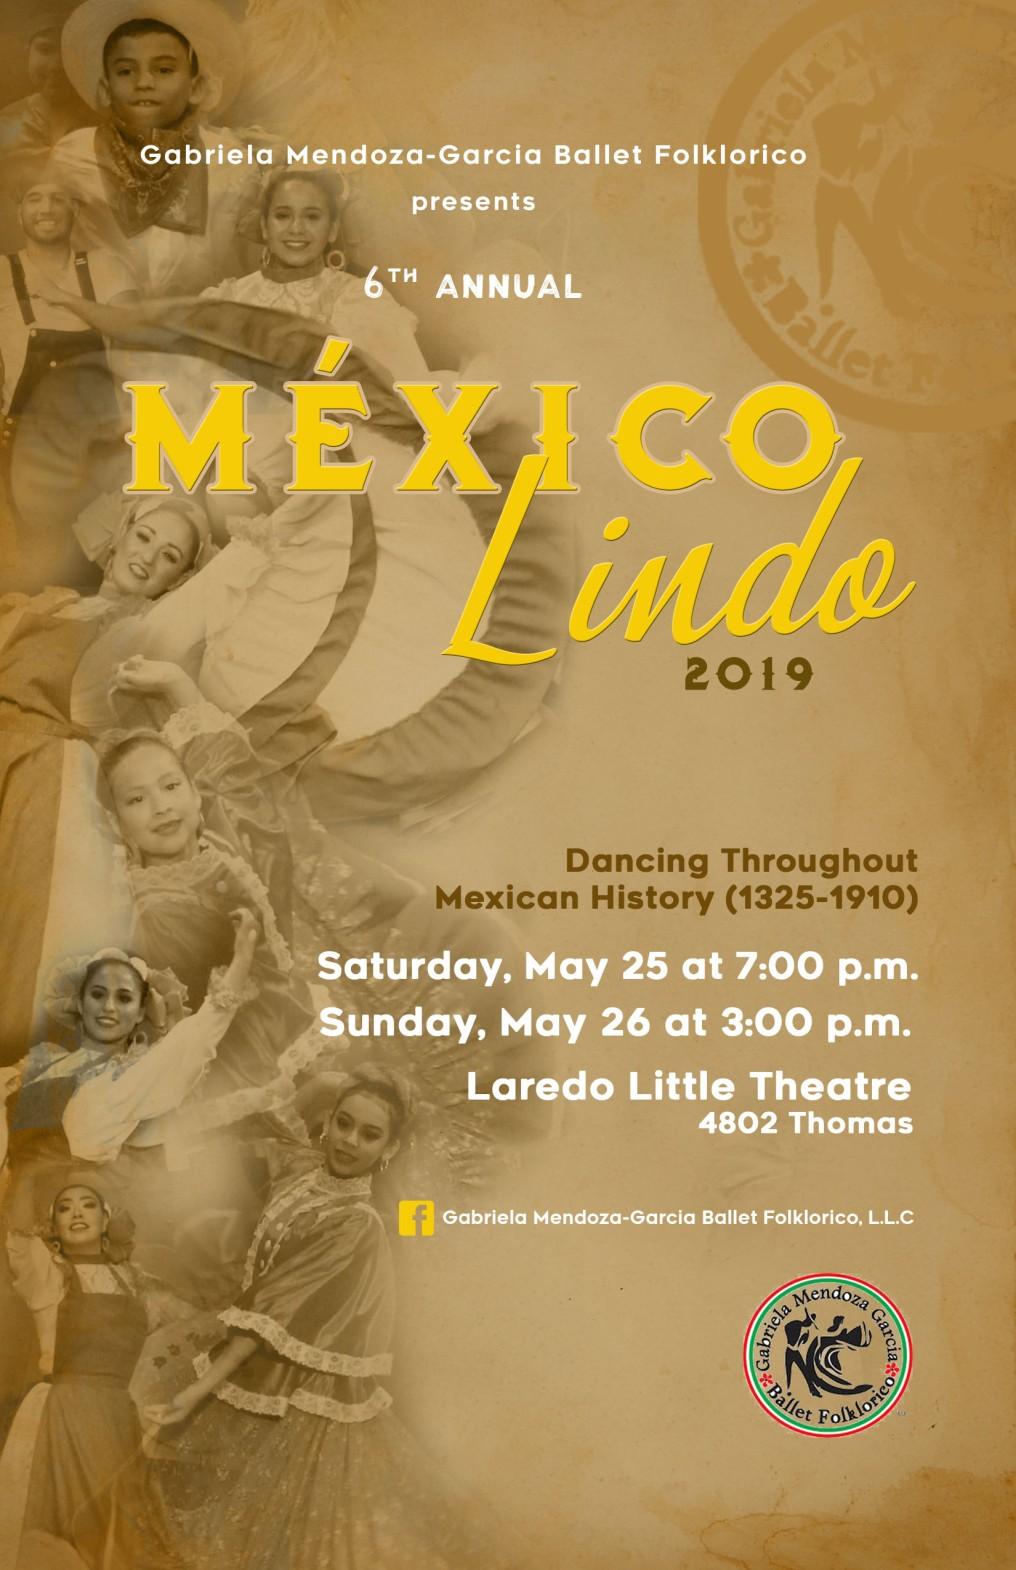 Mexico Lindo Program